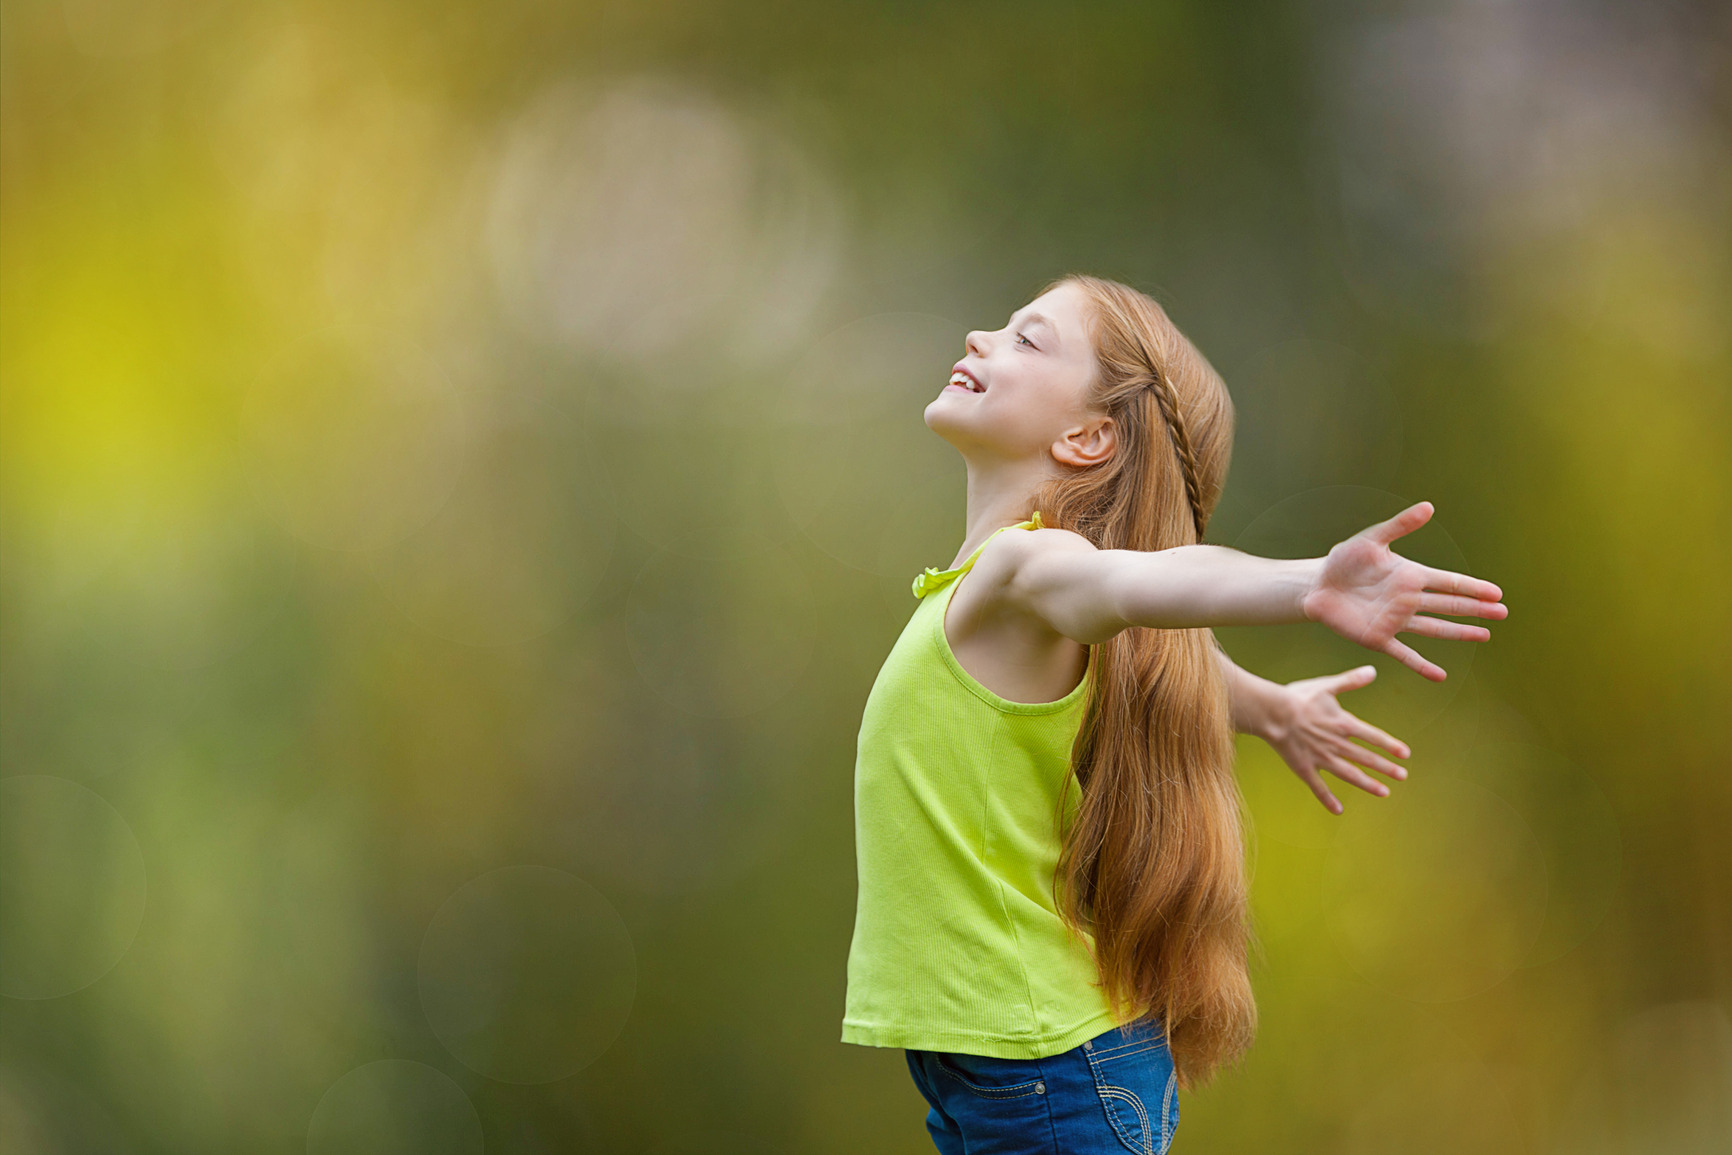 ילדה חופשיה ומאושרת